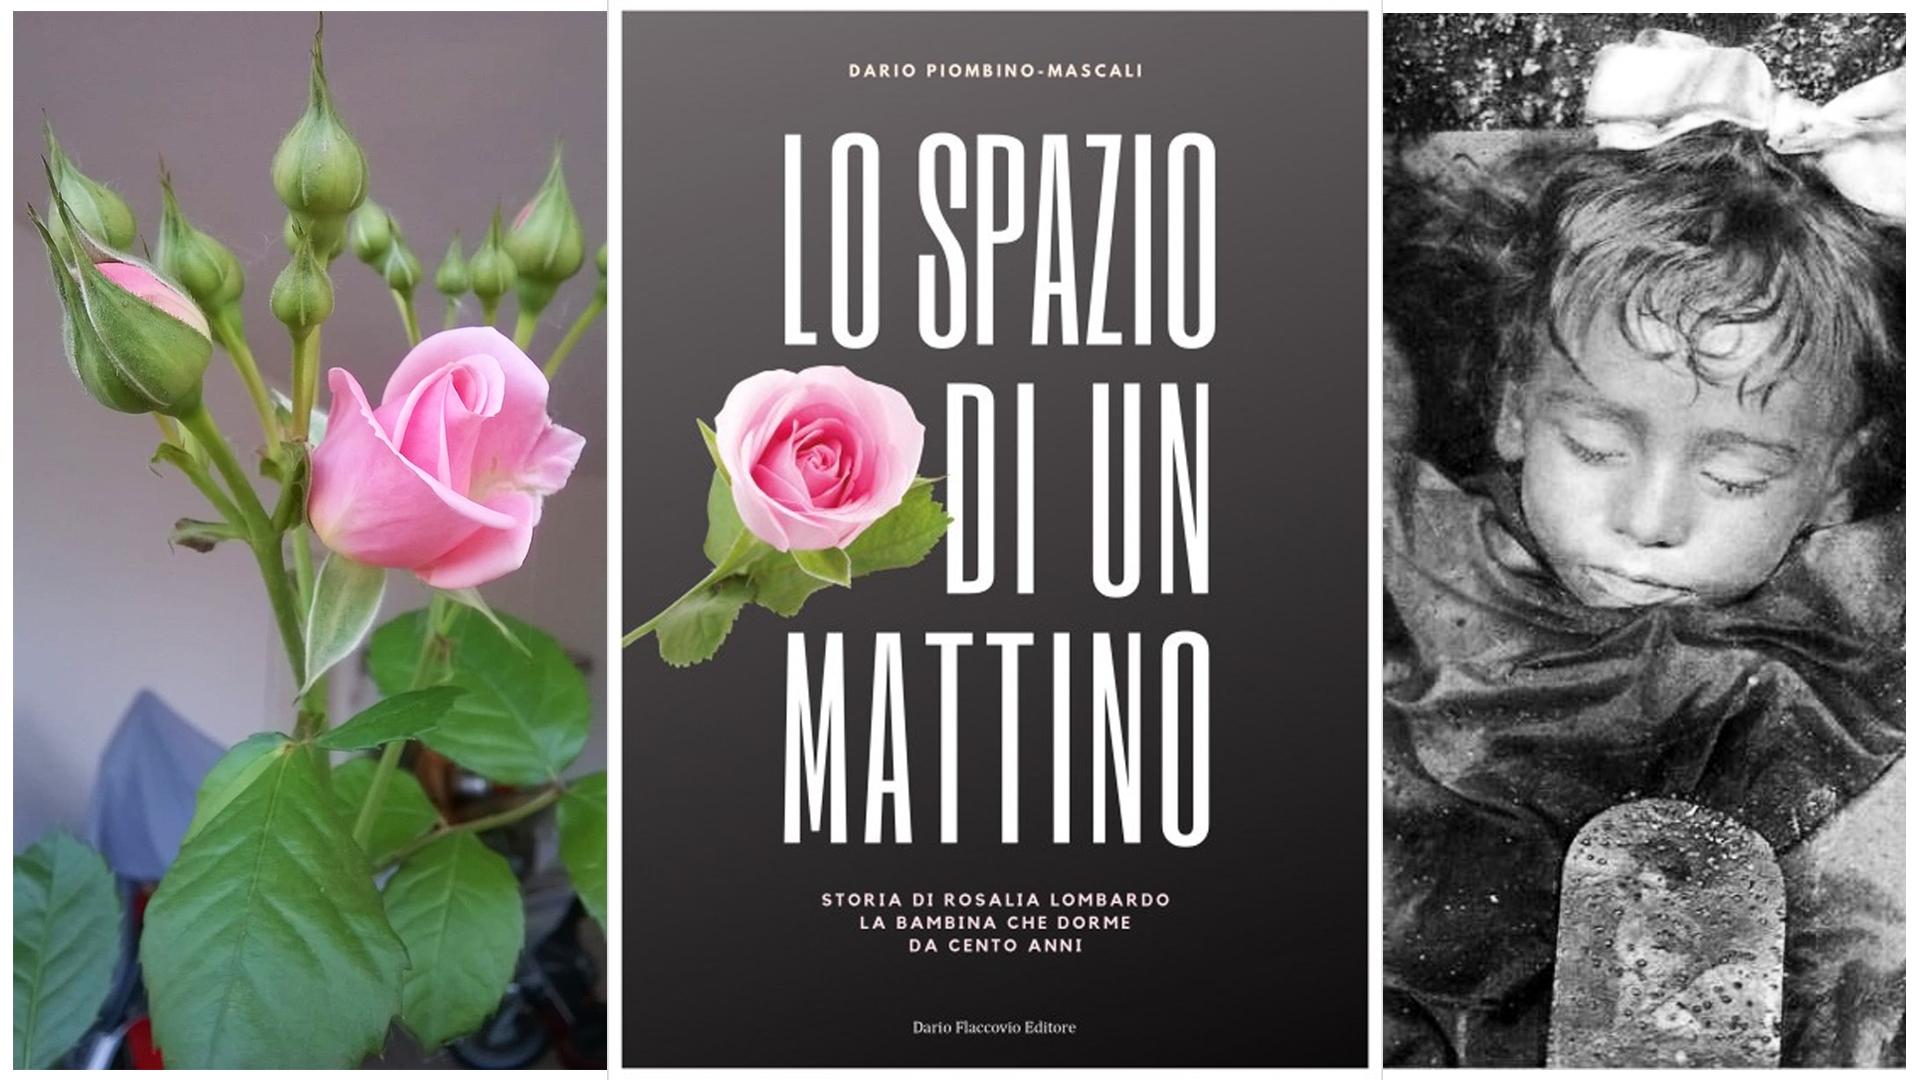 Lo spazio di un mattino: il nuovo libro di Dario Piombino-Mascali